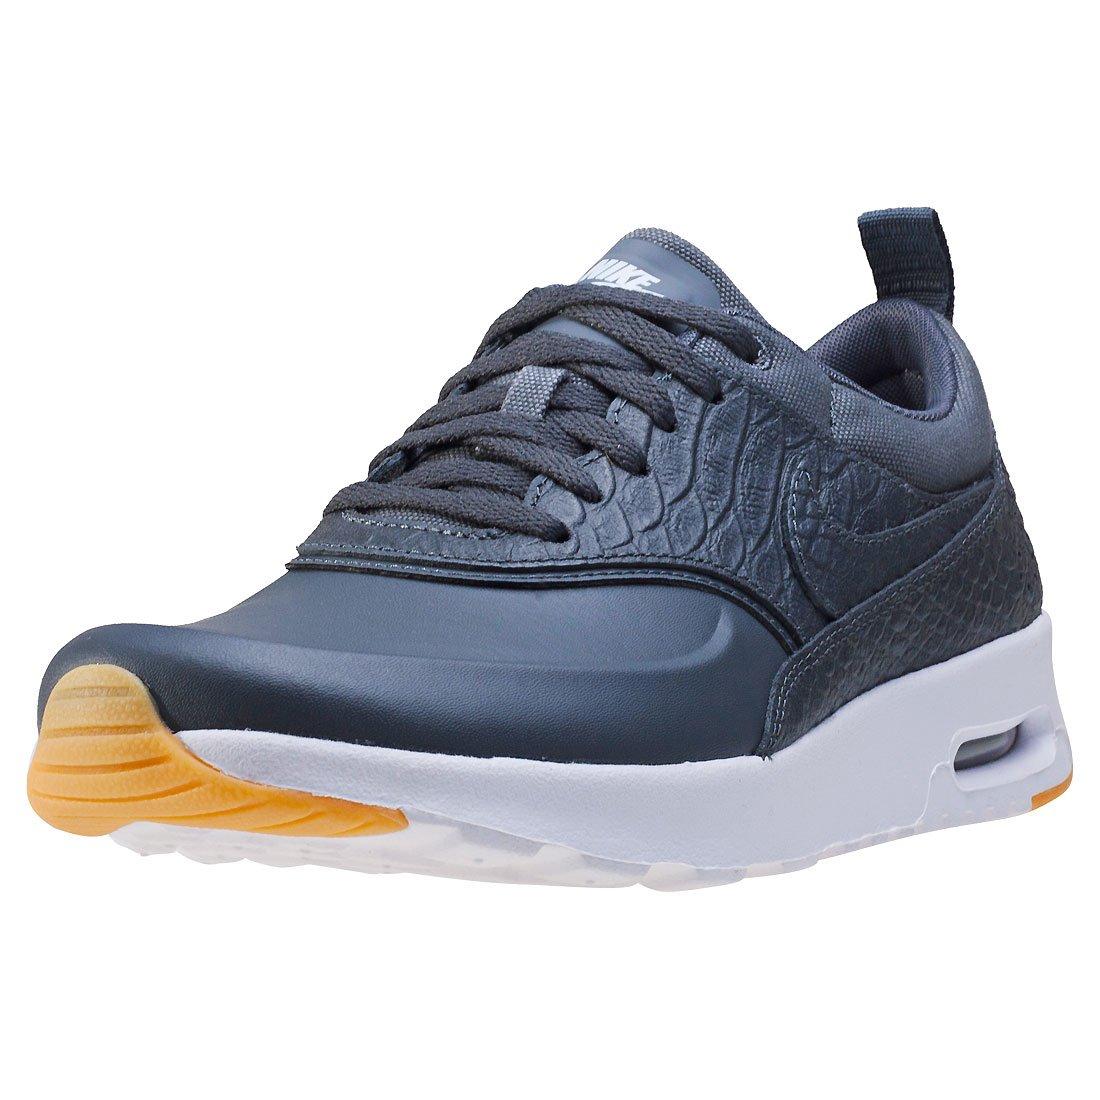 ed57b0fbc69 Nike Air Max Thea Premium